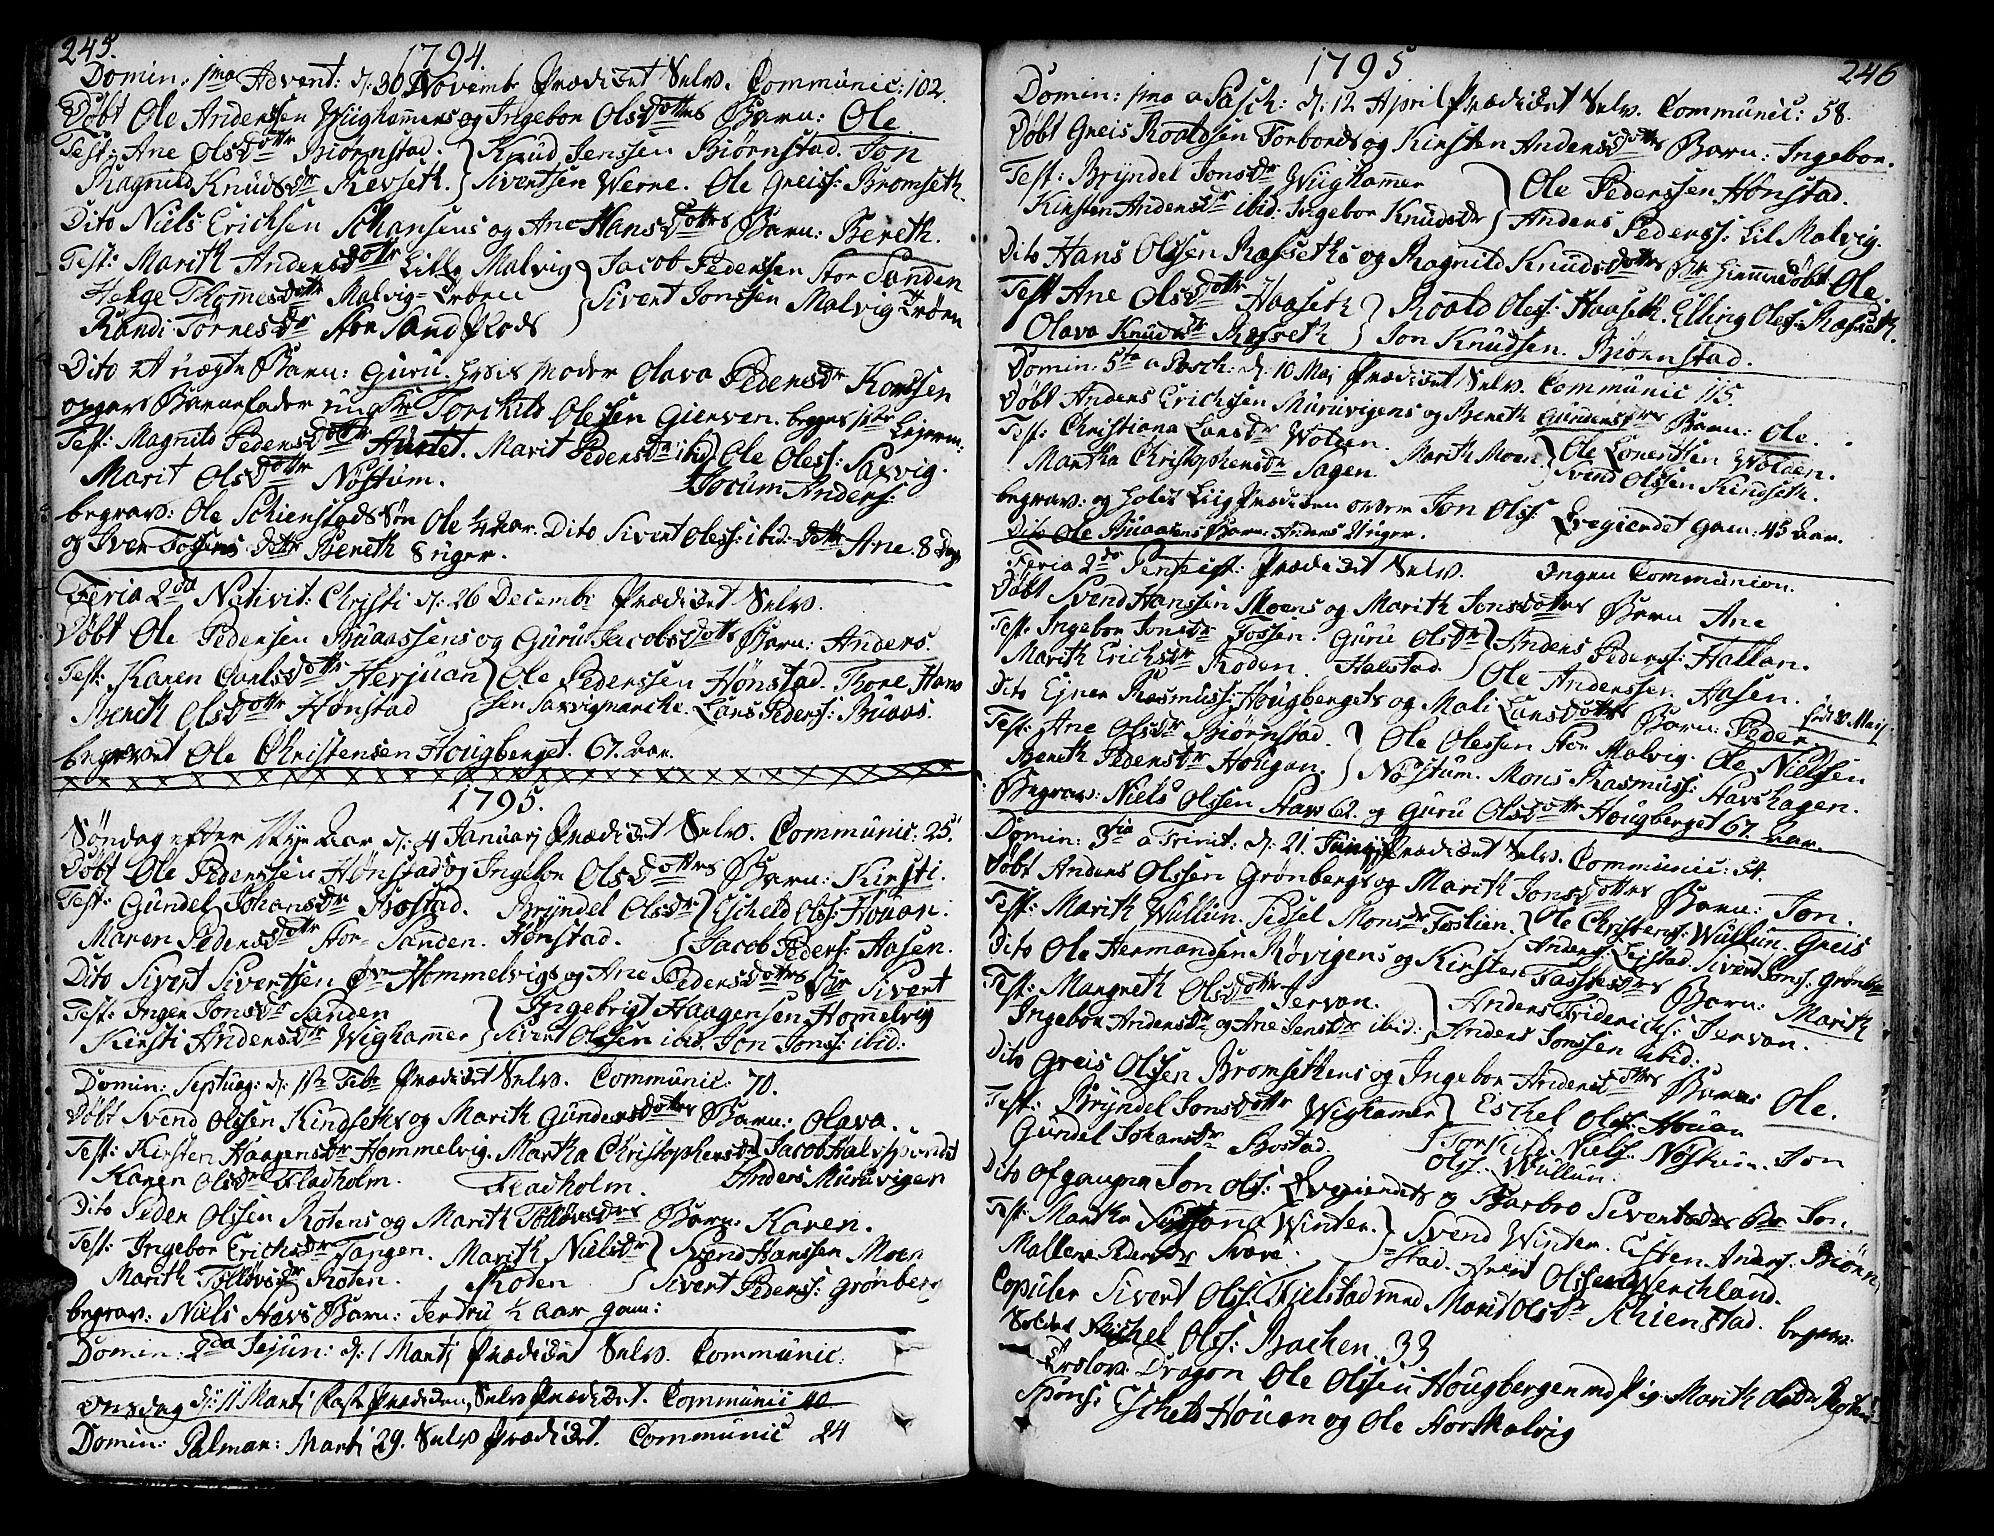 SAT, Ministerialprotokoller, klokkerbøker og fødselsregistre - Sør-Trøndelag, 606/L0281: Ministerialbok nr. 606A02 /2, 1781-1817, s. 245-246